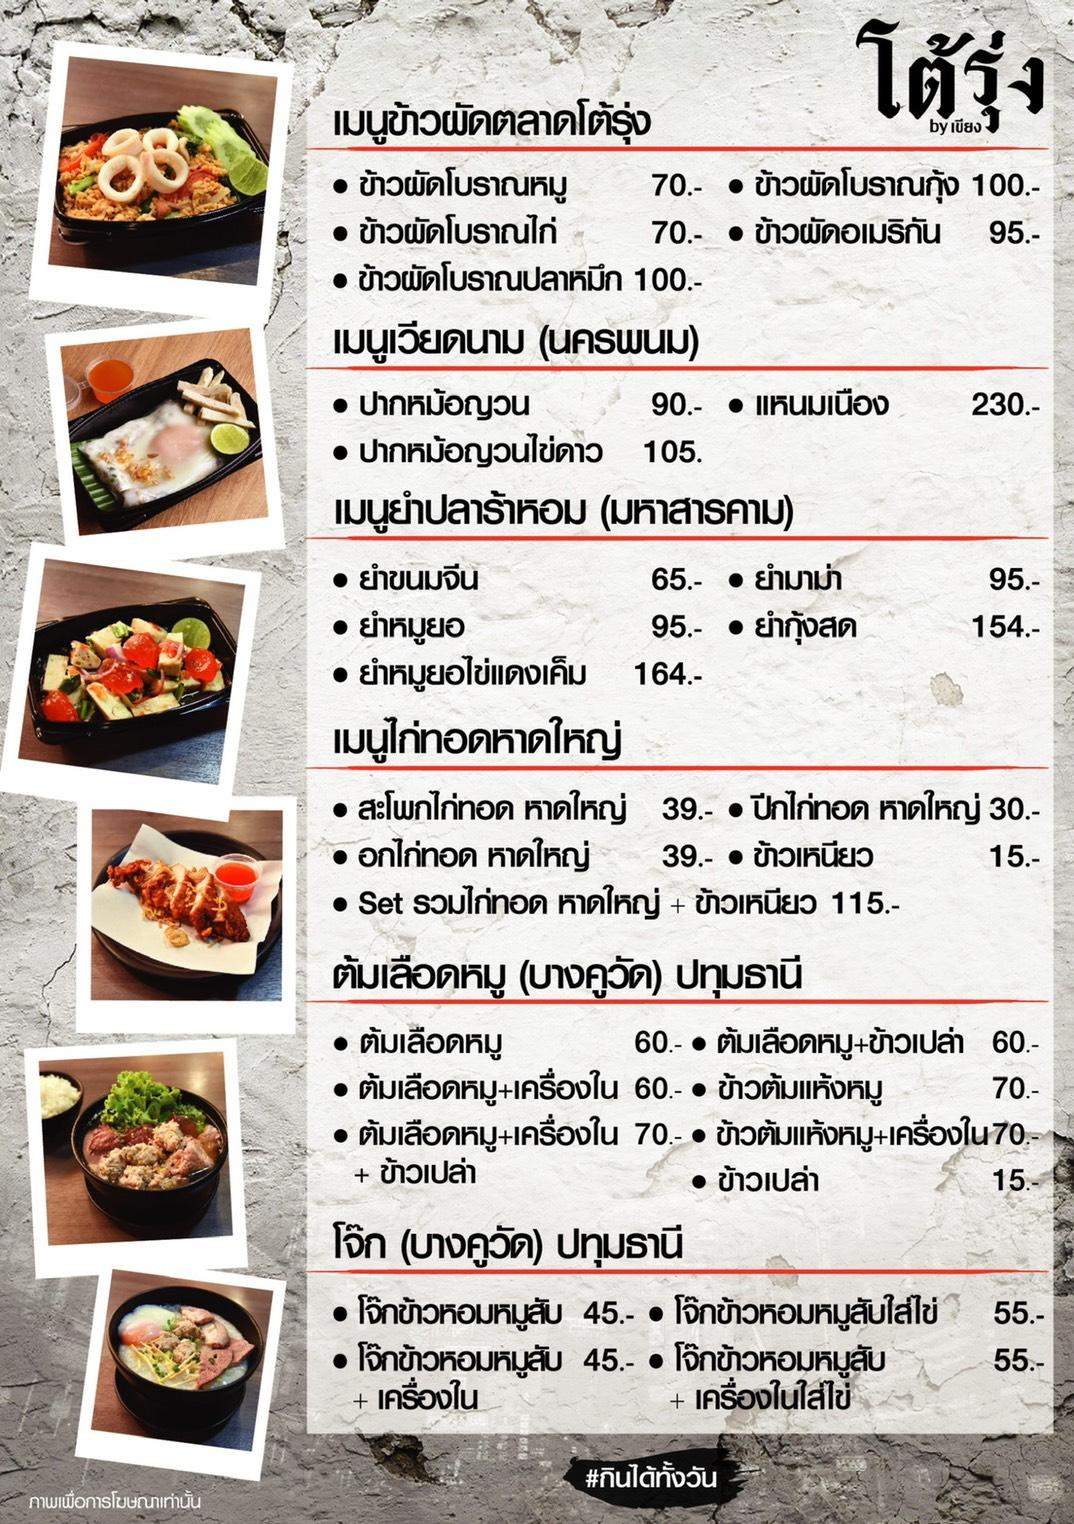 ฝากท้อง 3 มื้อไว้กับ โต้รุ่ง by เขียง